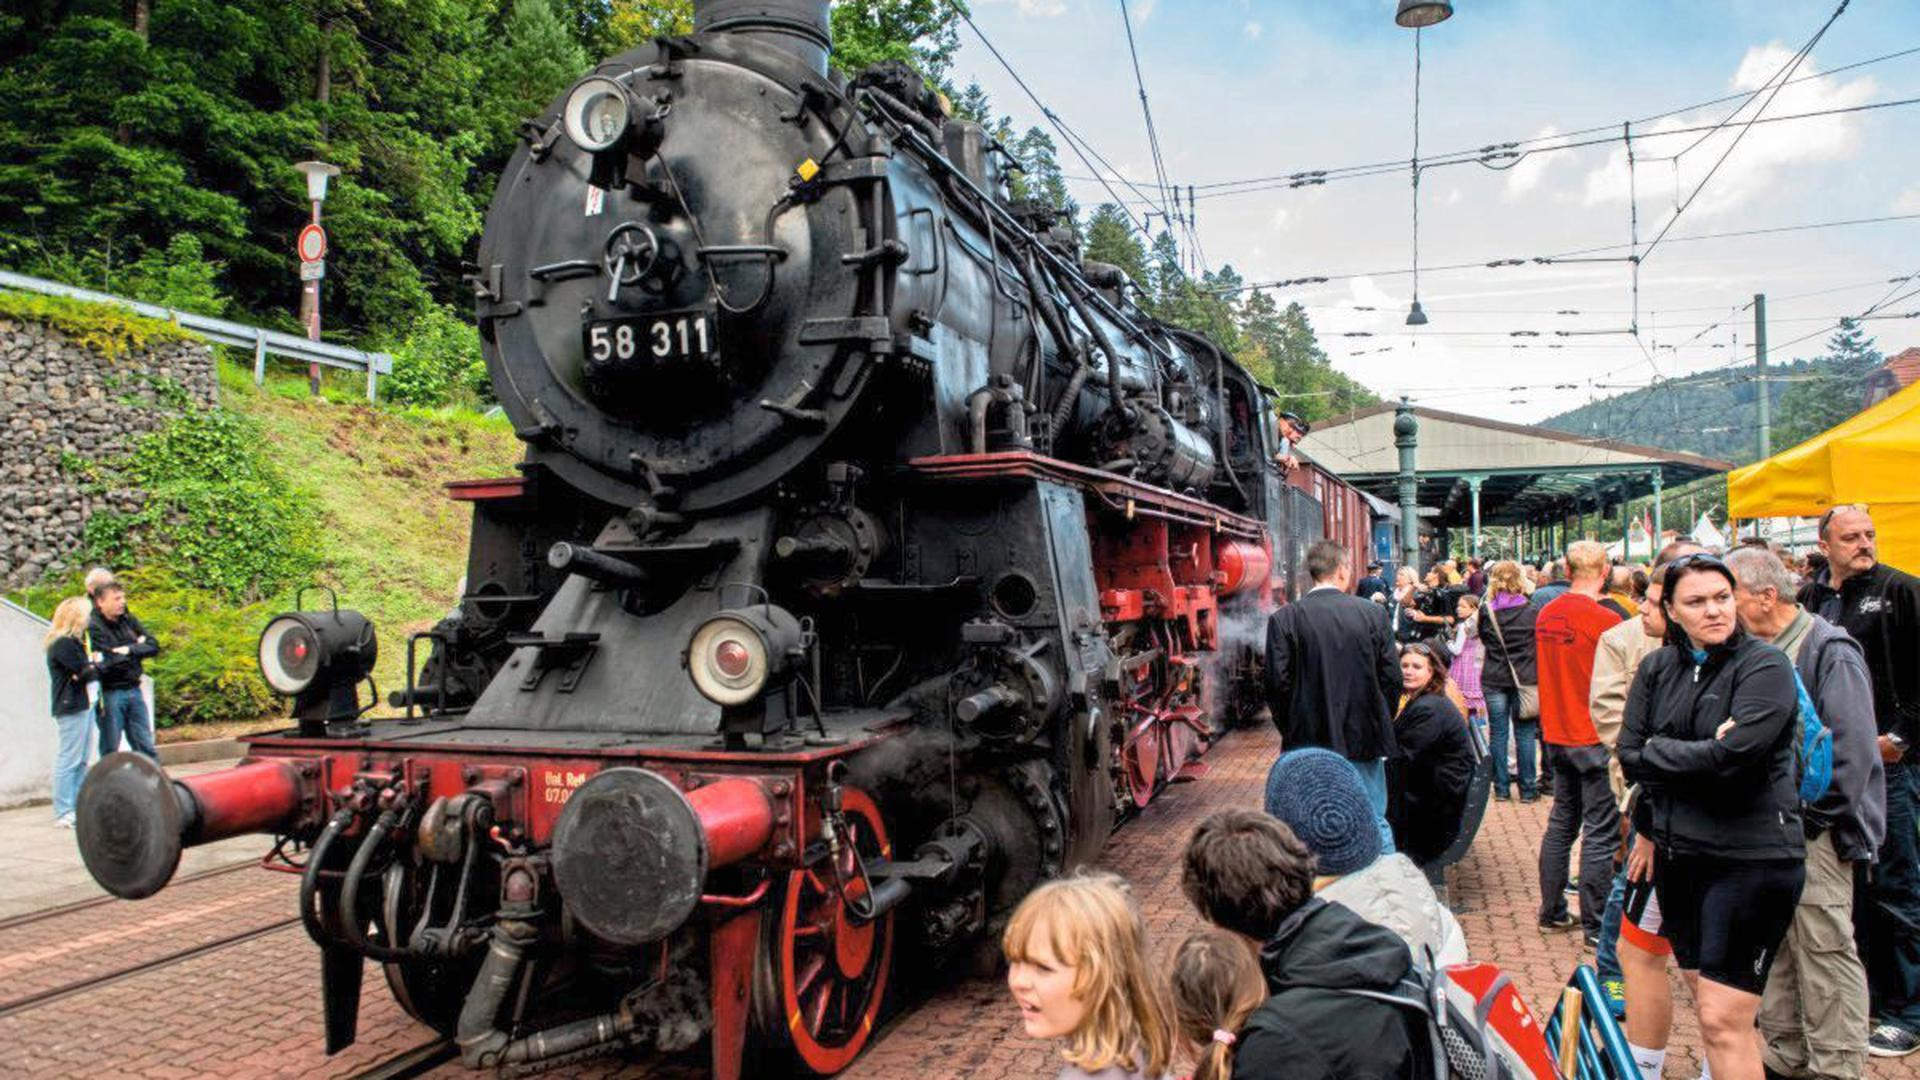 Eine Fahrt mit einem historischen Dampfzug ist bei dem Bahnhofsfest in Bad Herrenalb möglich.